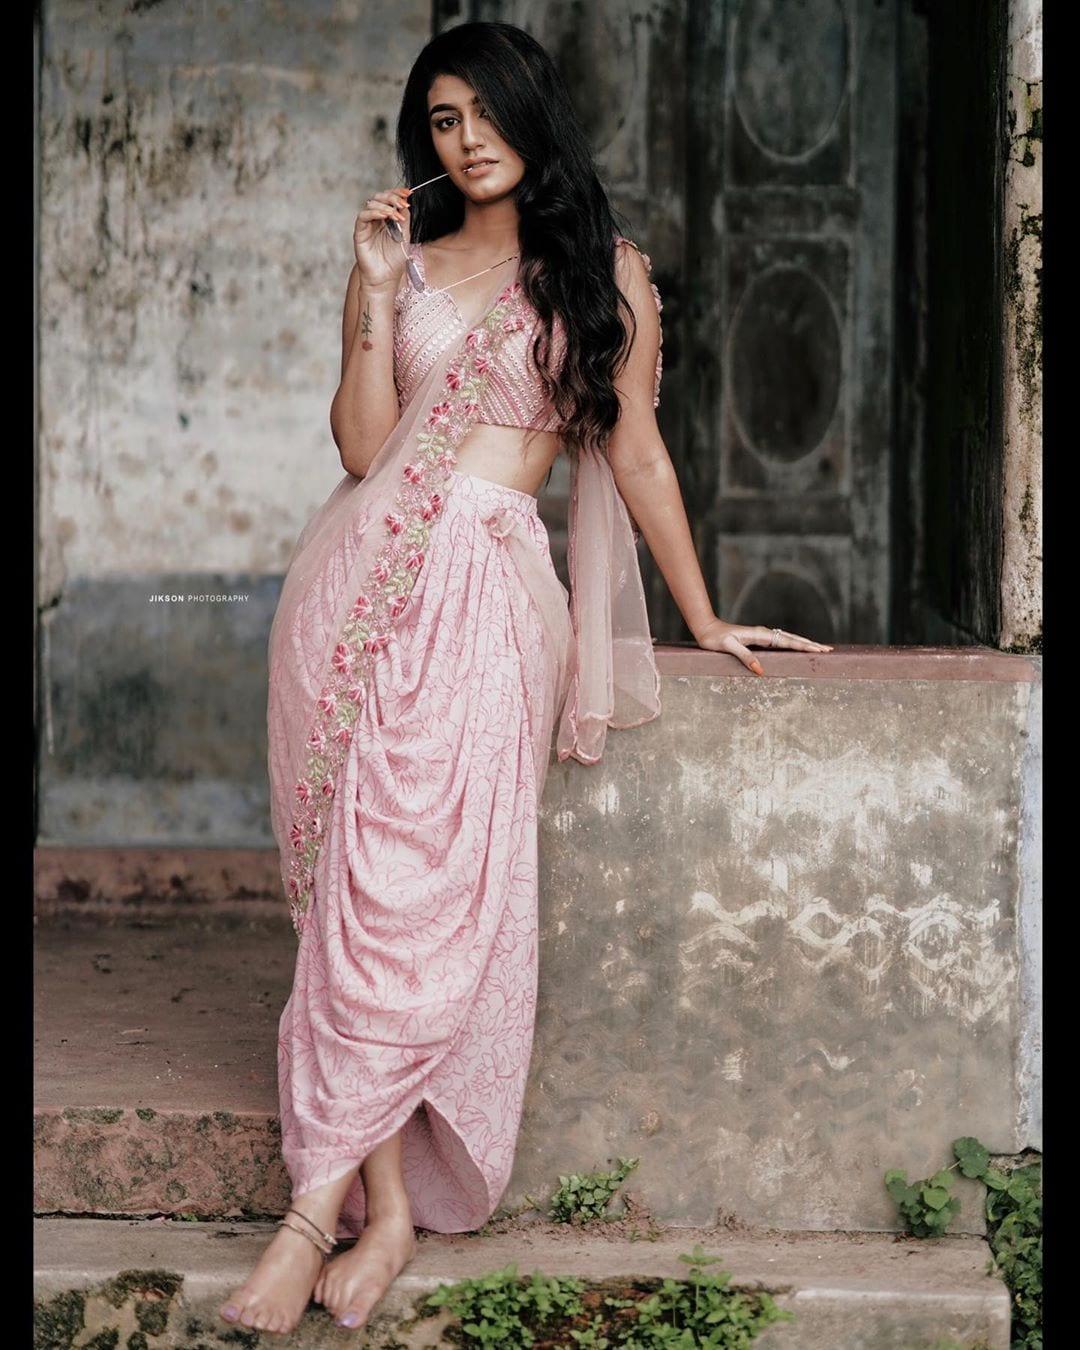 ప్రియా ప్రకాష్ వారియర్ ఫోటోస్ Photo: Instagram/priya.p.varrier